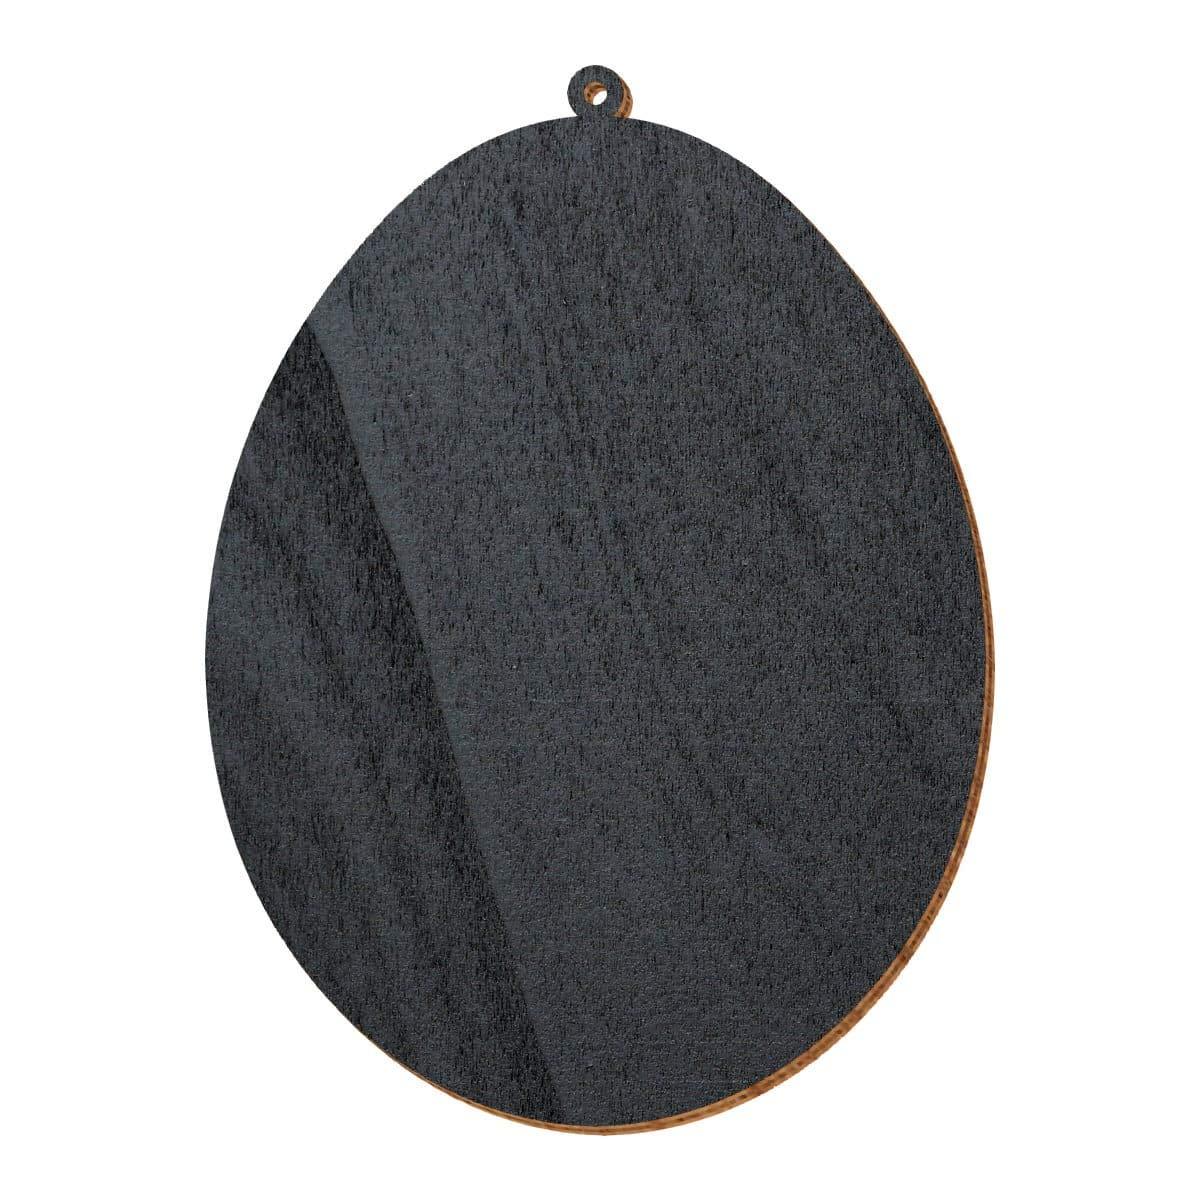 Schwarze Holz Ostereier - 2-10cm 2-10cm 2-10cm Baum- Strauchbehang, Pack mit 50 Stück, Größe 9cm B07NDX1LSV | Gemäßigten Kosten  d930cf